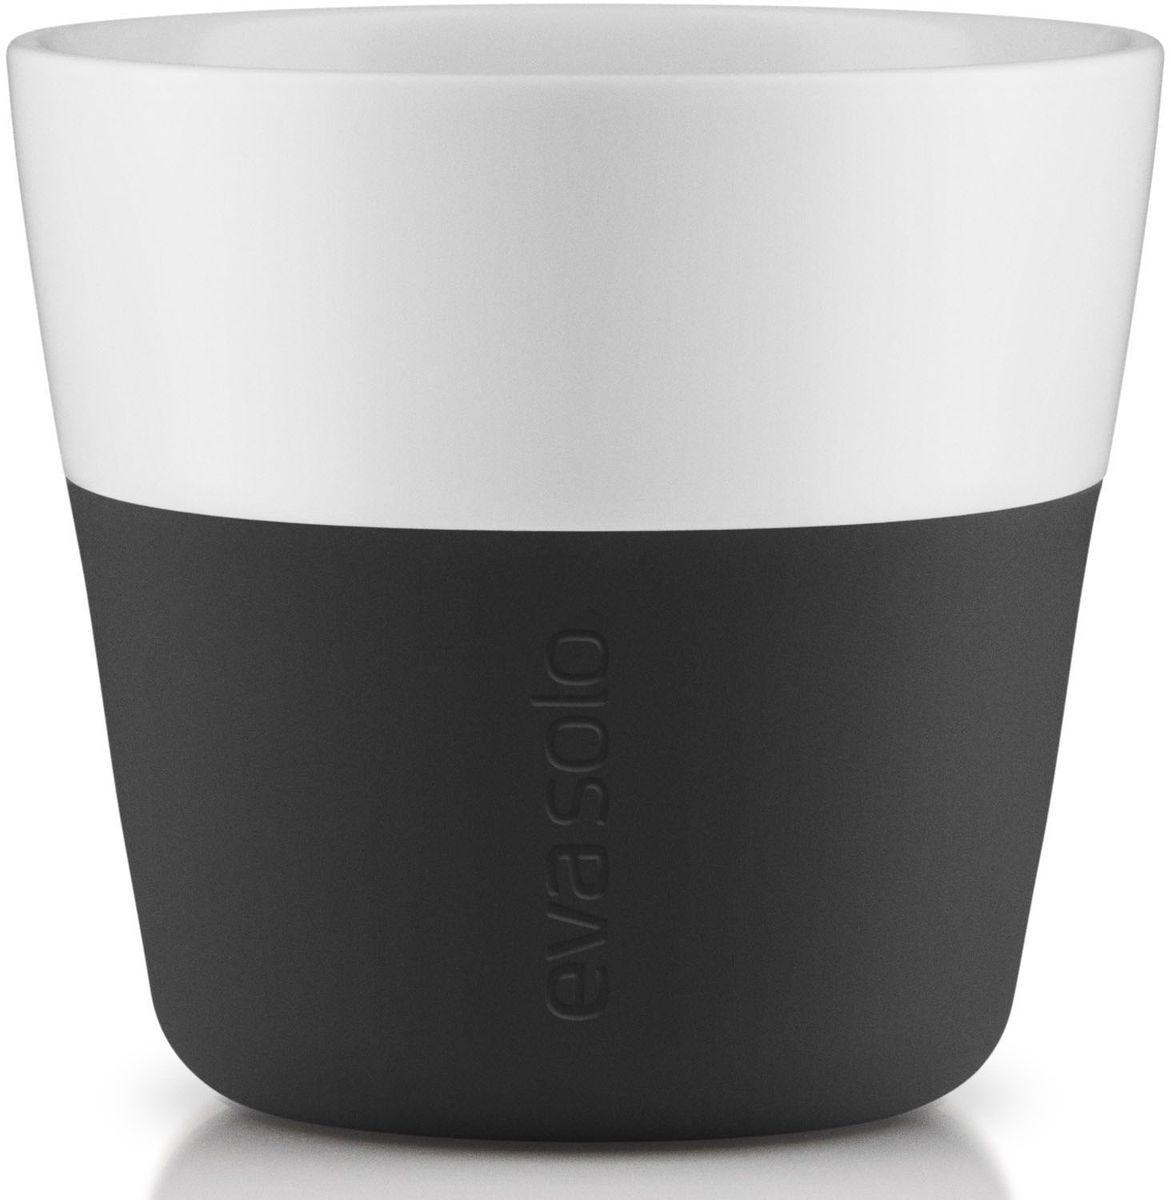 """Чашка для кофе лунго от """"Eva Solo"""" рассчитана на 230 мл - оптимальный объем, а также  стандартный объем для этого типа напитка у большинства кофемашин. Чашка изготовлена из  фарфора и располагает специальным силиконовым чехлом: можно держать в руках, не рискуя  обжечь пальцы. Чехол снимается, и чашку можно мыть в посудомоечной машине. В набор  входят 2 чашки для лунго."""